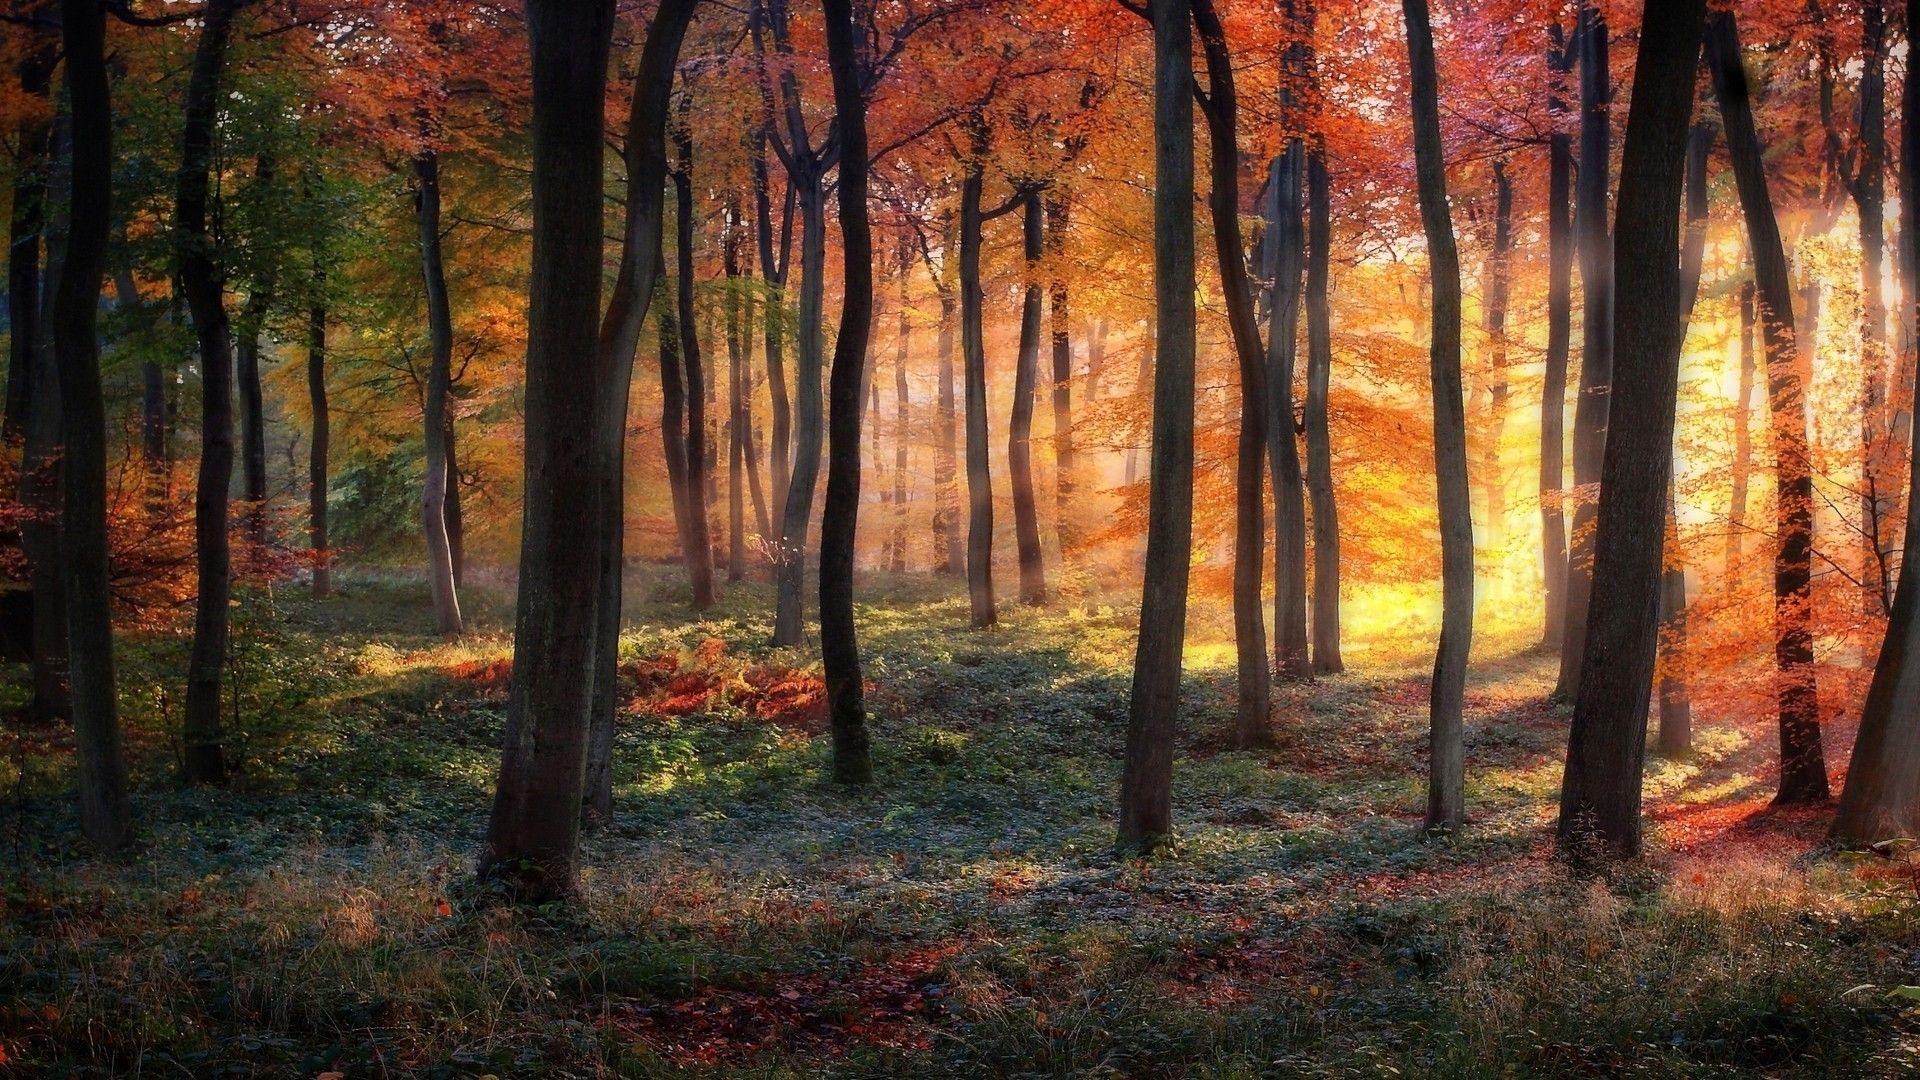 fond d'écran hd paysage arbre forêt feuilles sous bois automne coloré rayon de soleil wallpaper ...